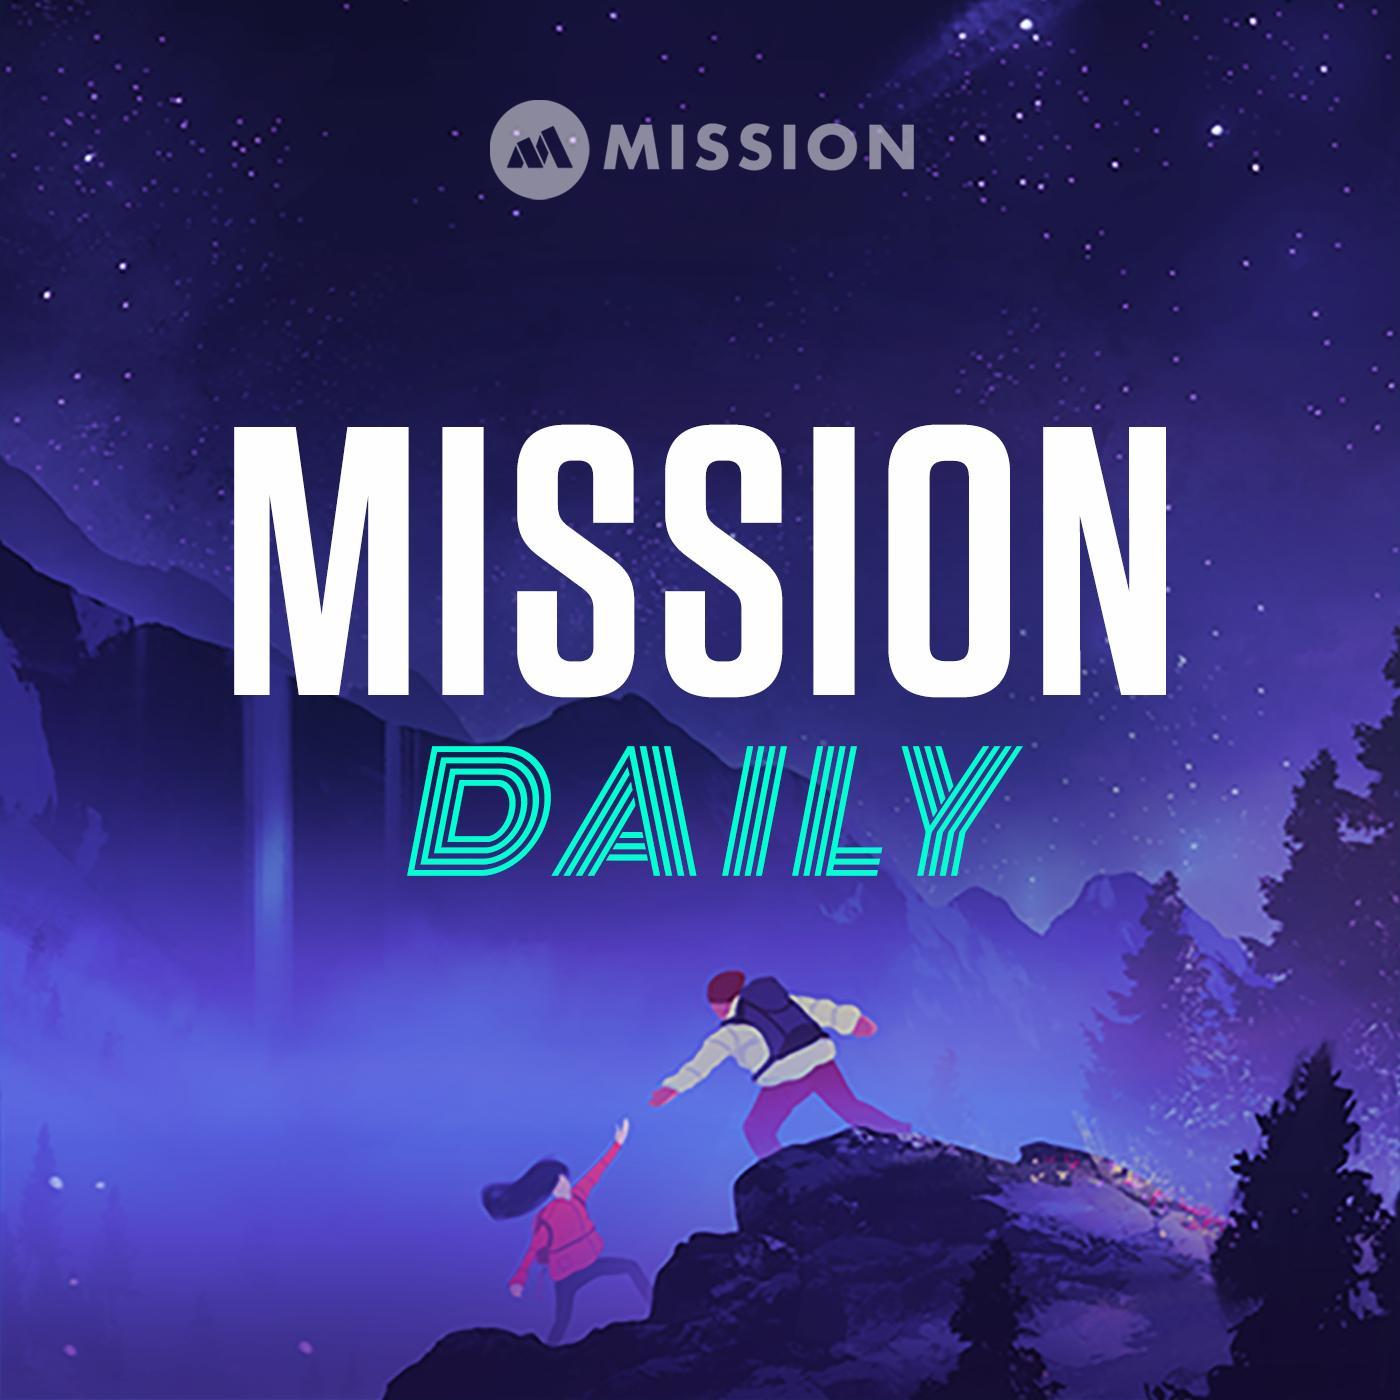 mission-daily-mission-aUBV5bqn1vd-hgnEpa_0dJS.1400x1400.jpg